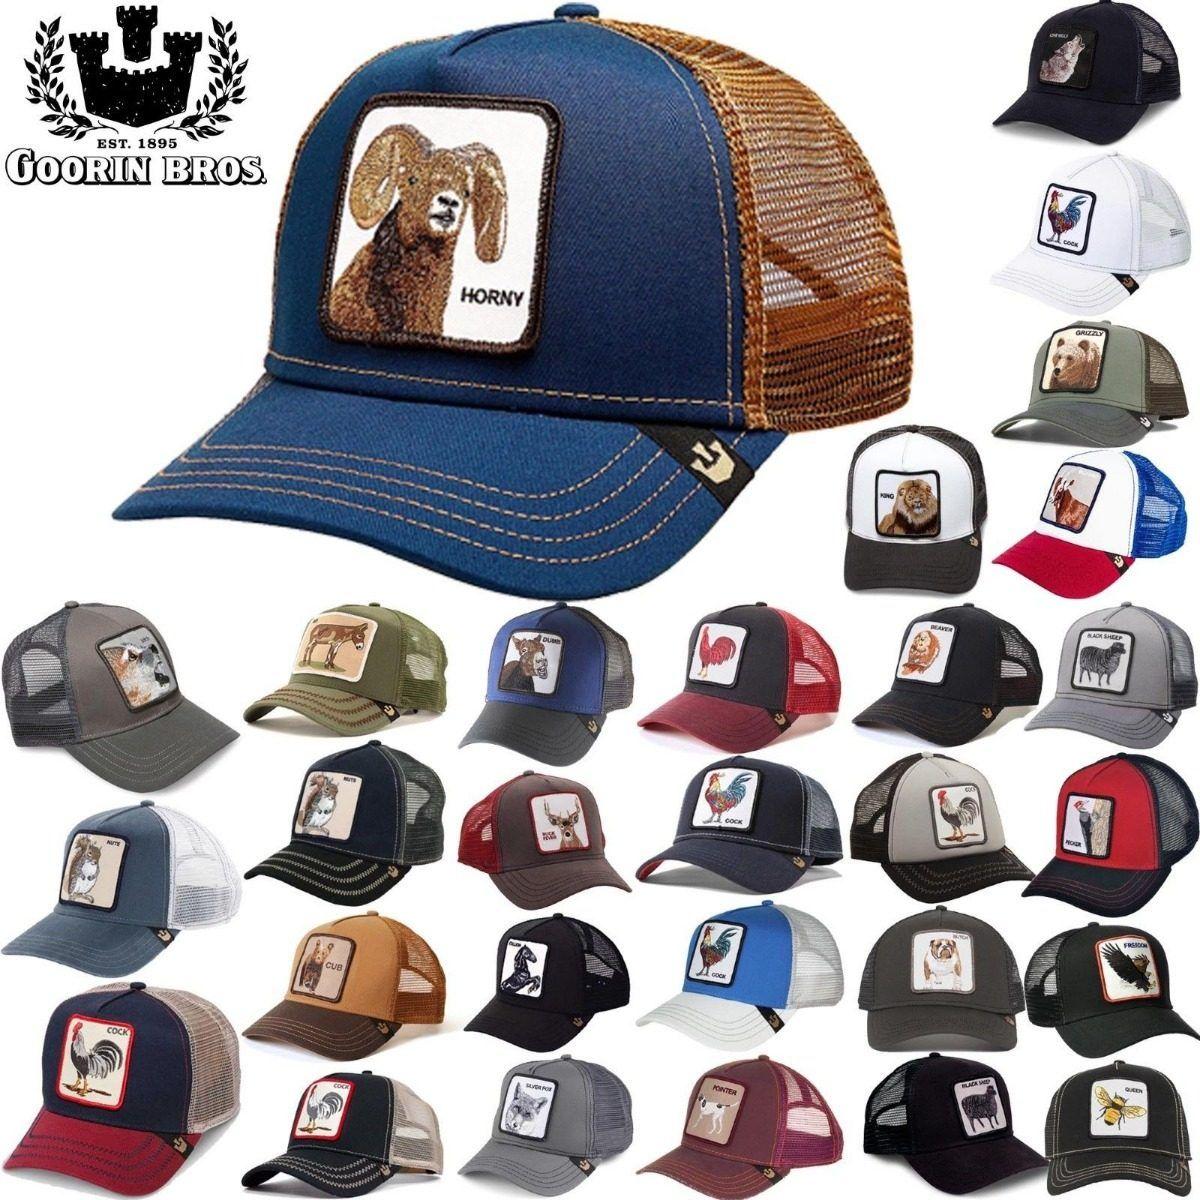 colección Gruñón O cualquiera  Estamos en el top 5 de accesorios indispensables ¿Qué esperas para escoger  uno? #CapsPerú #GoorinBros | Gorras goorin bros, Nike gorras, Gorras  camioneras